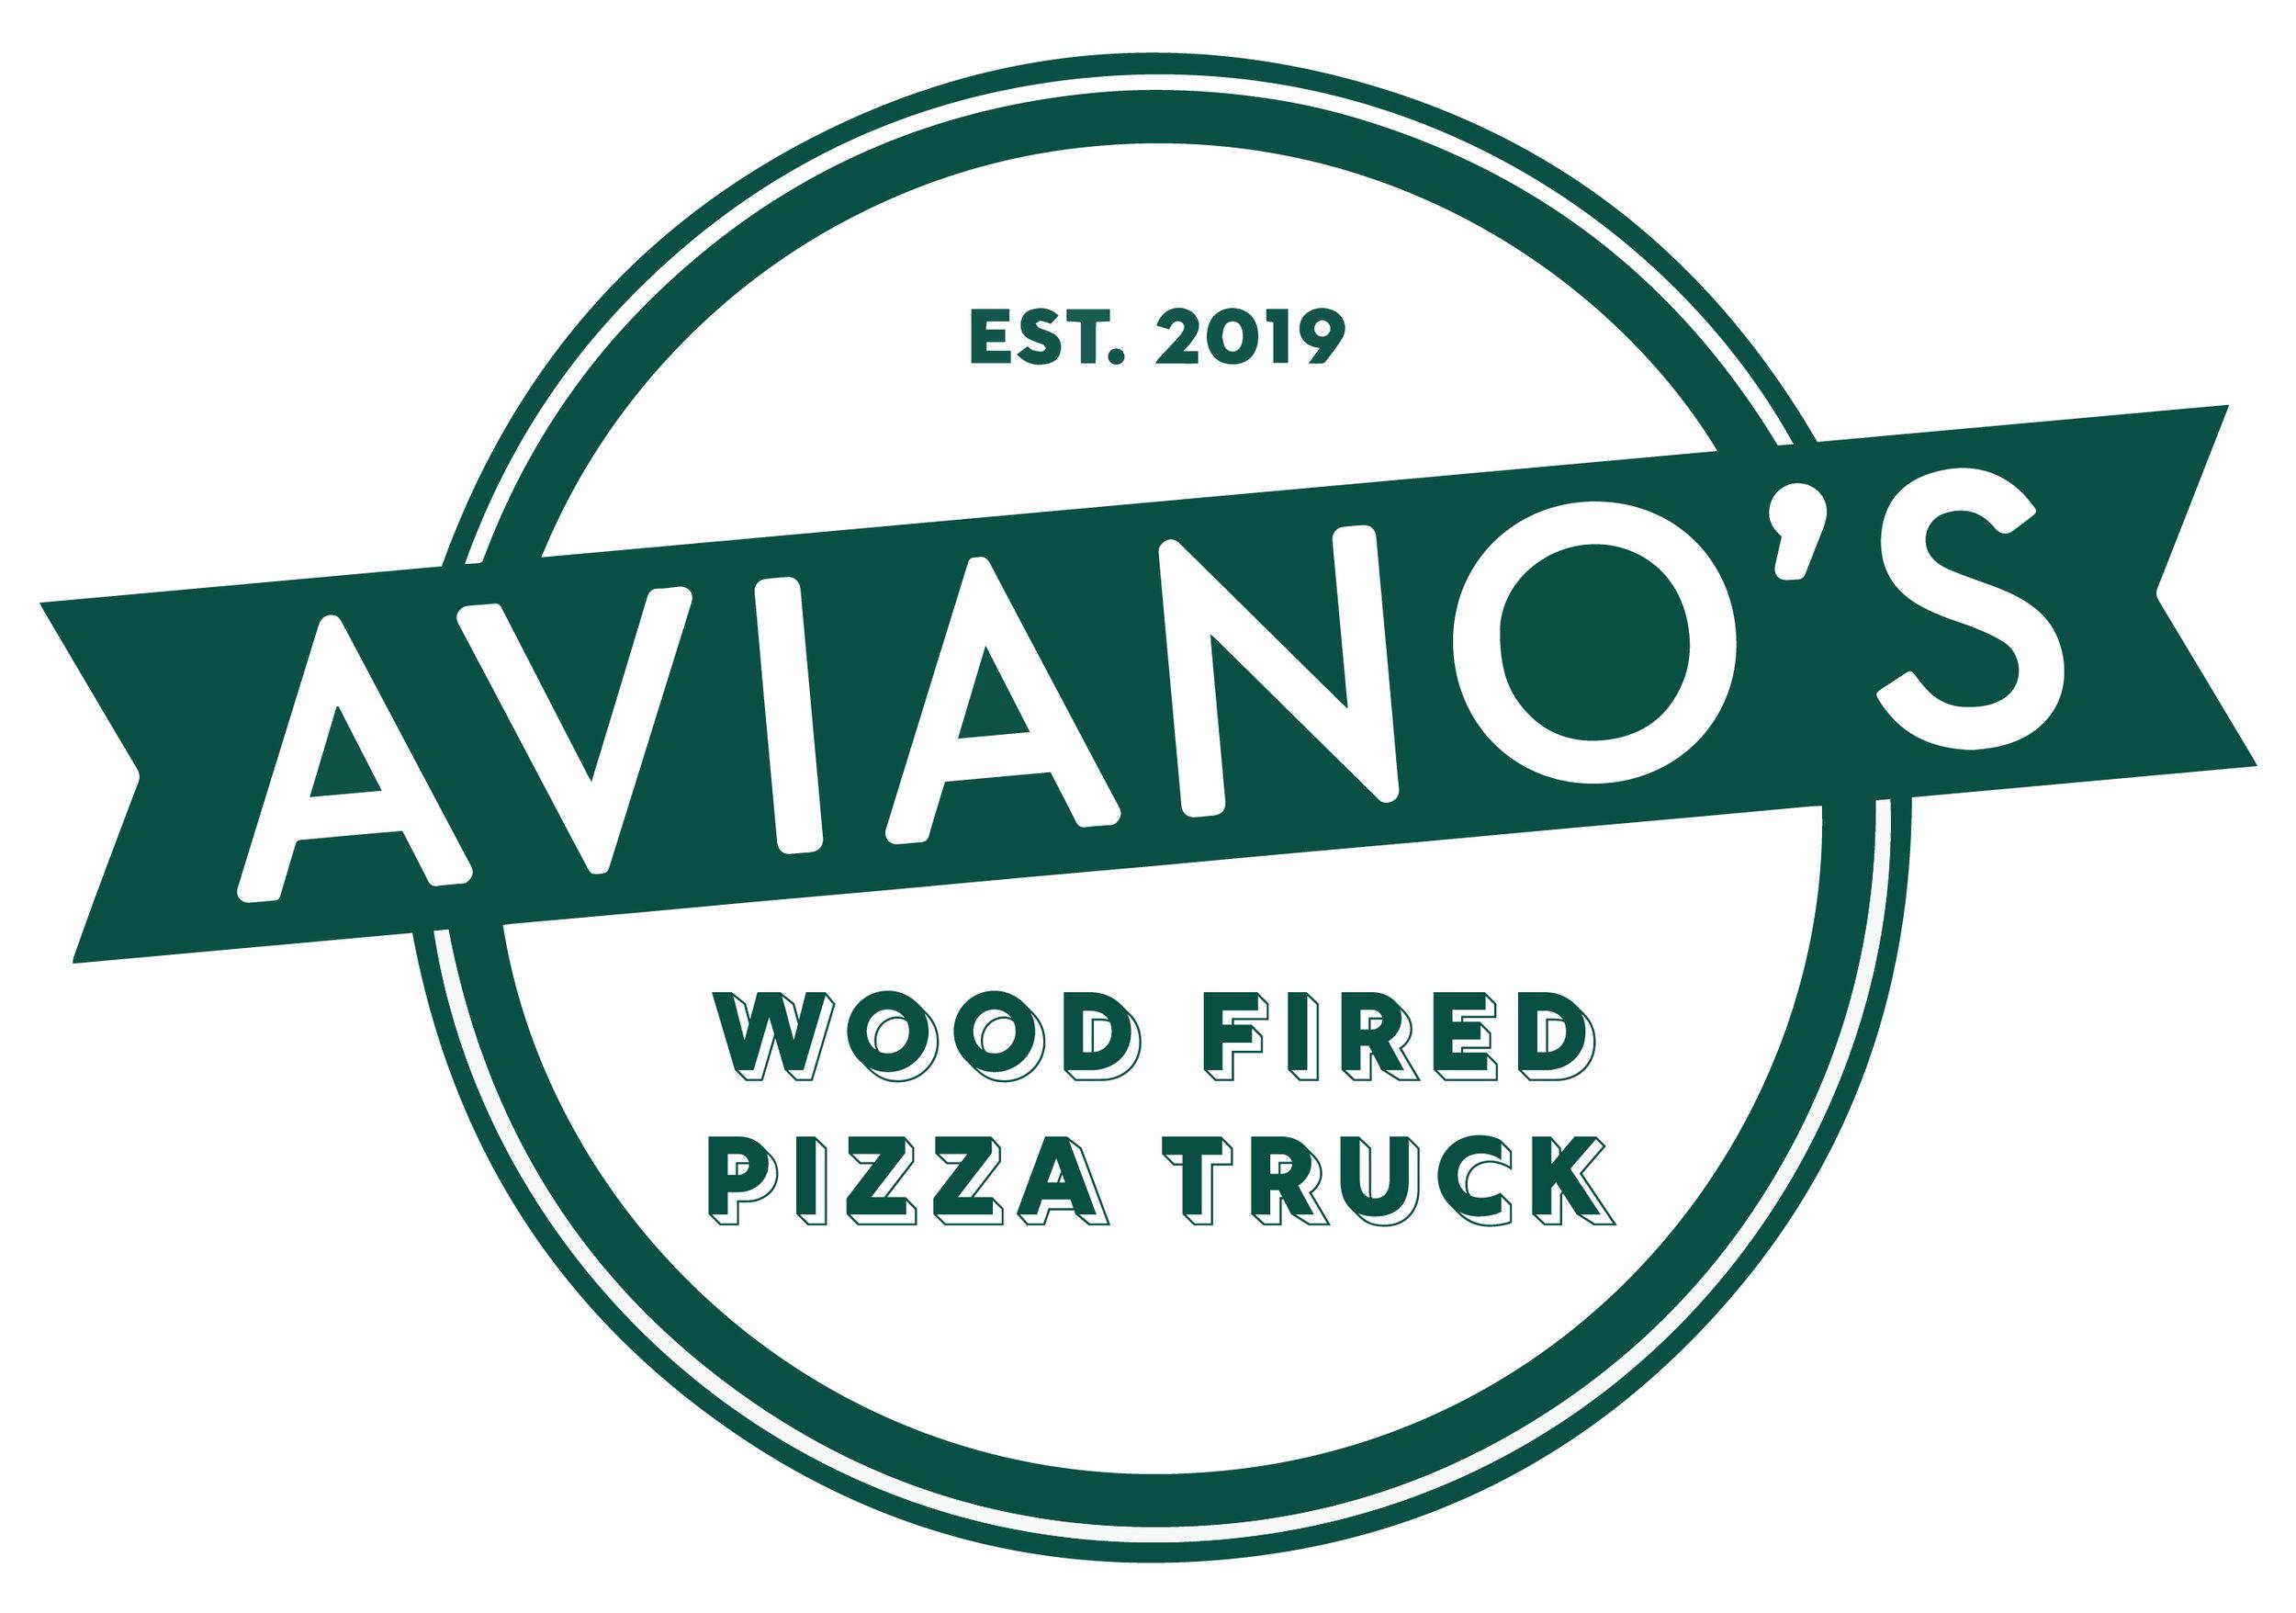 Aviano's Truck Logo.jpg